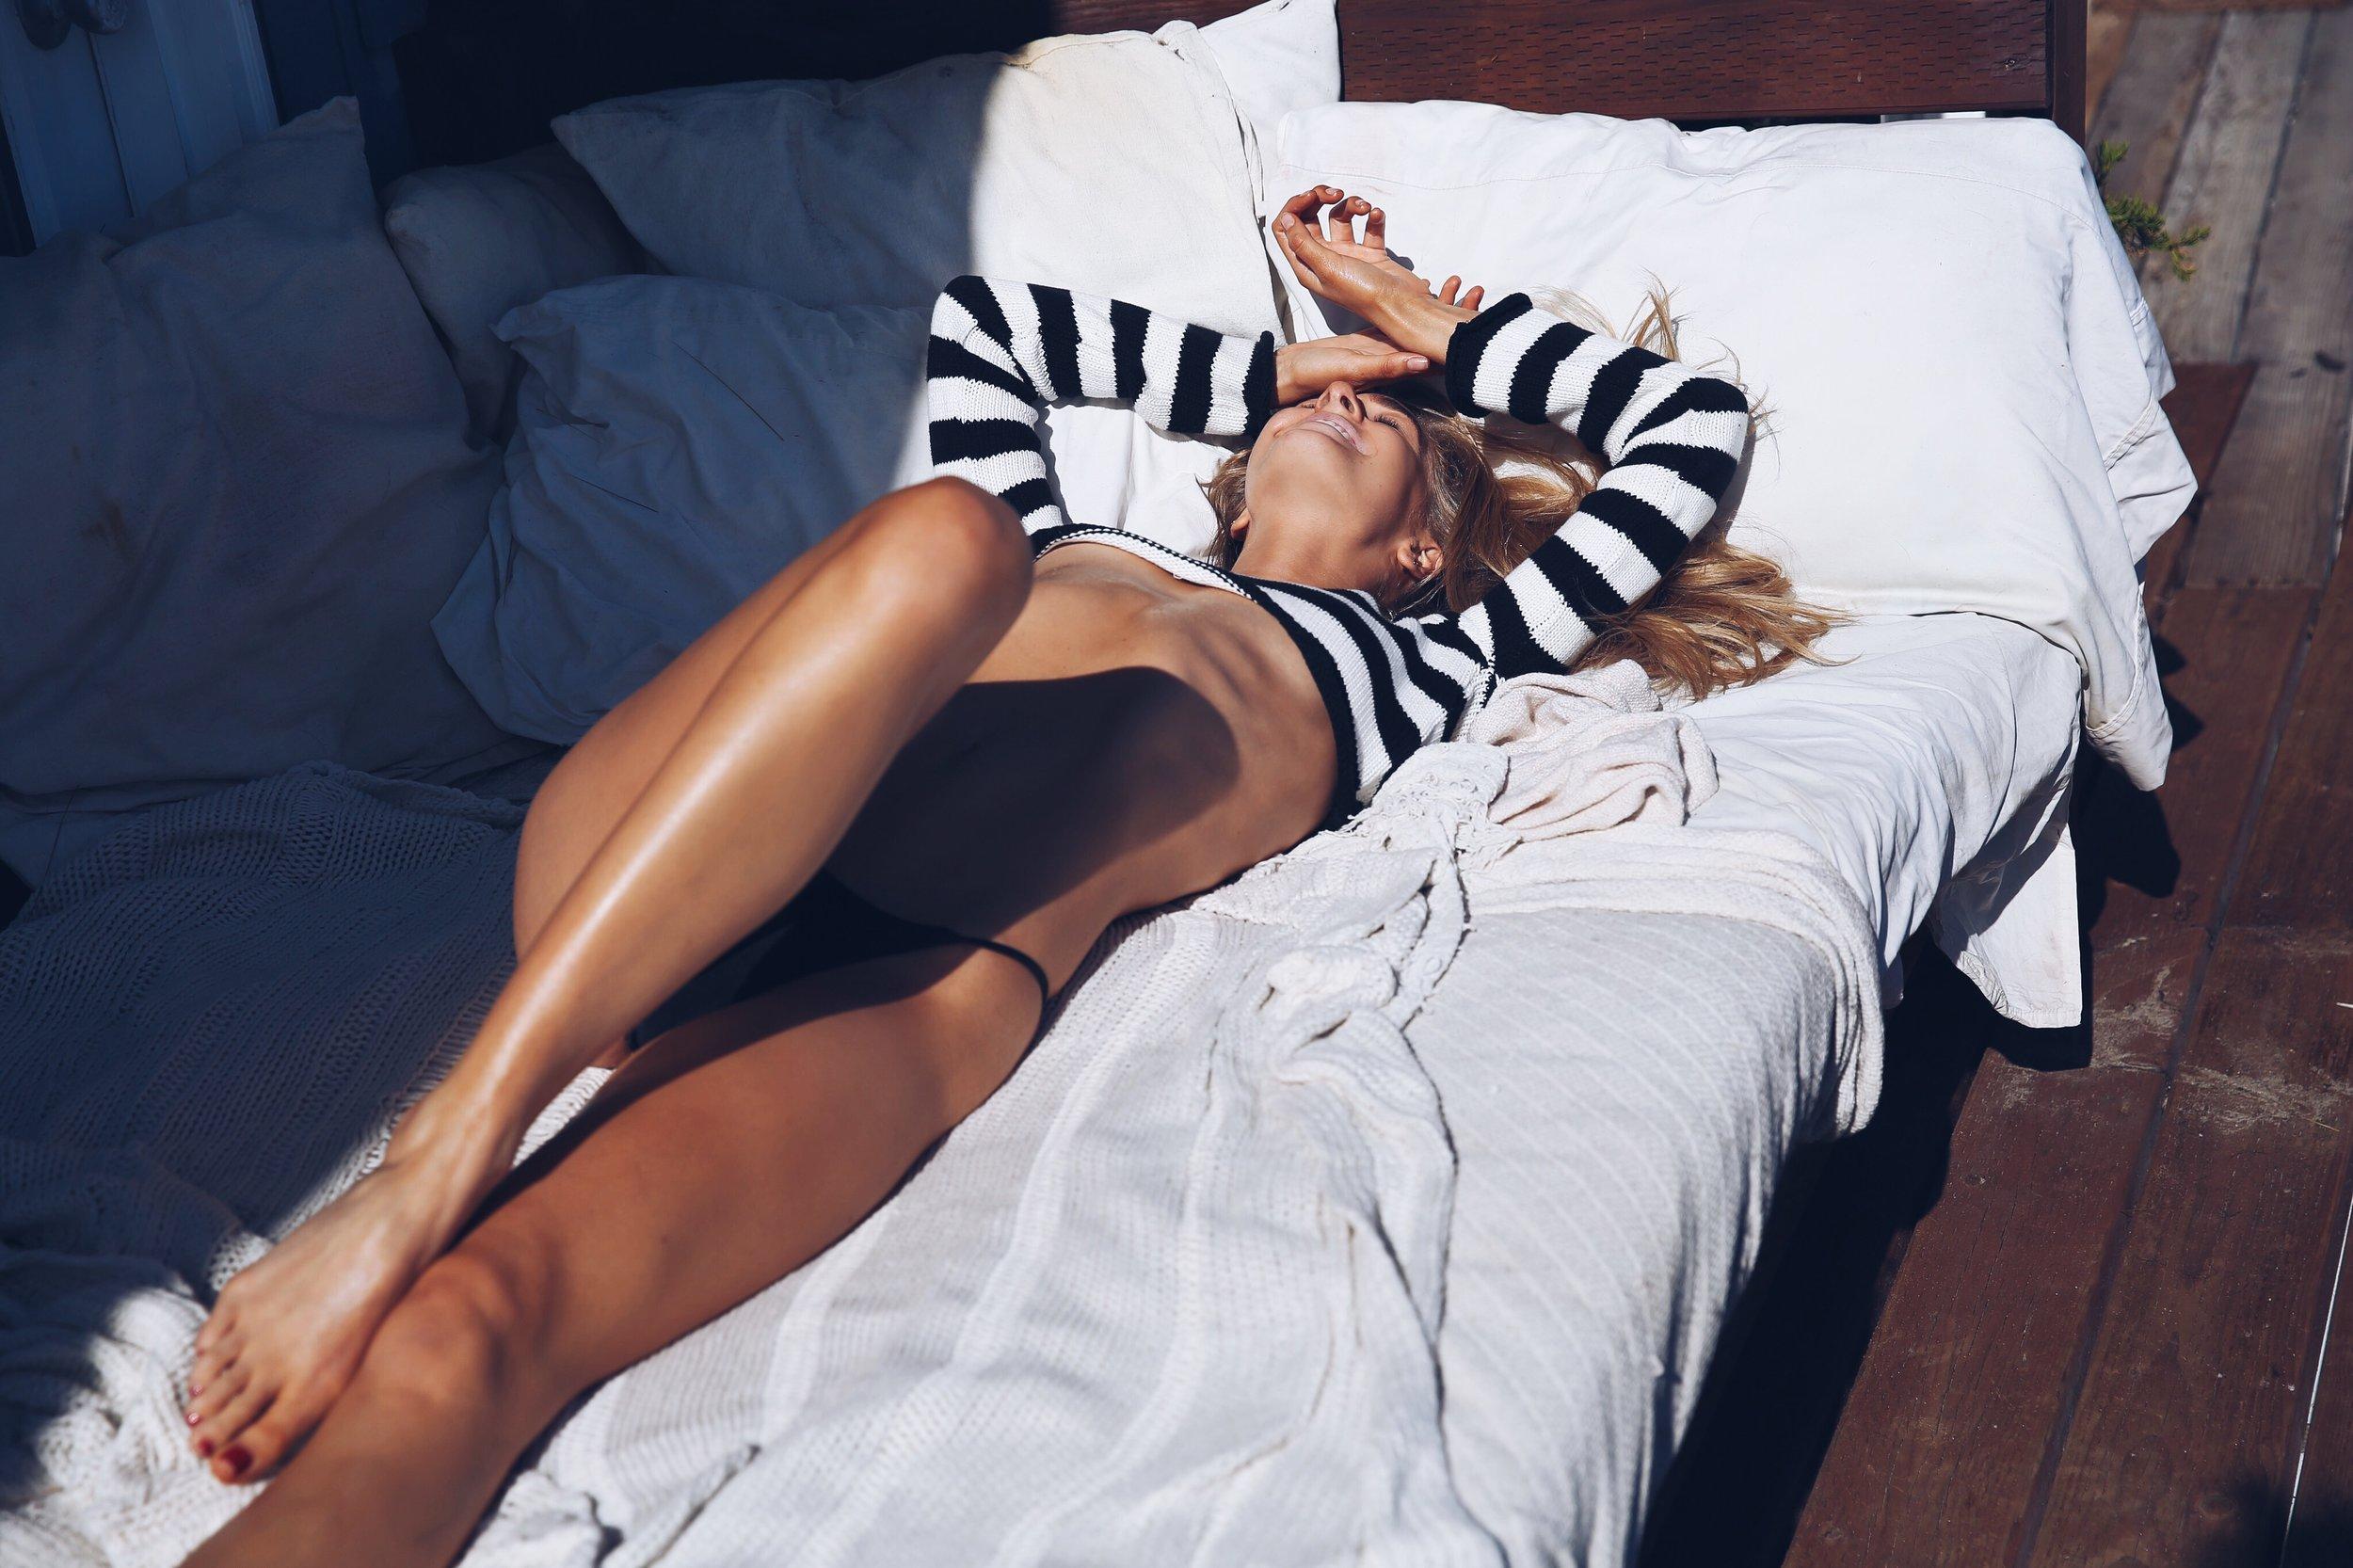 kj-skorge-erotic-model-photoshoot-by-torrey-west-10